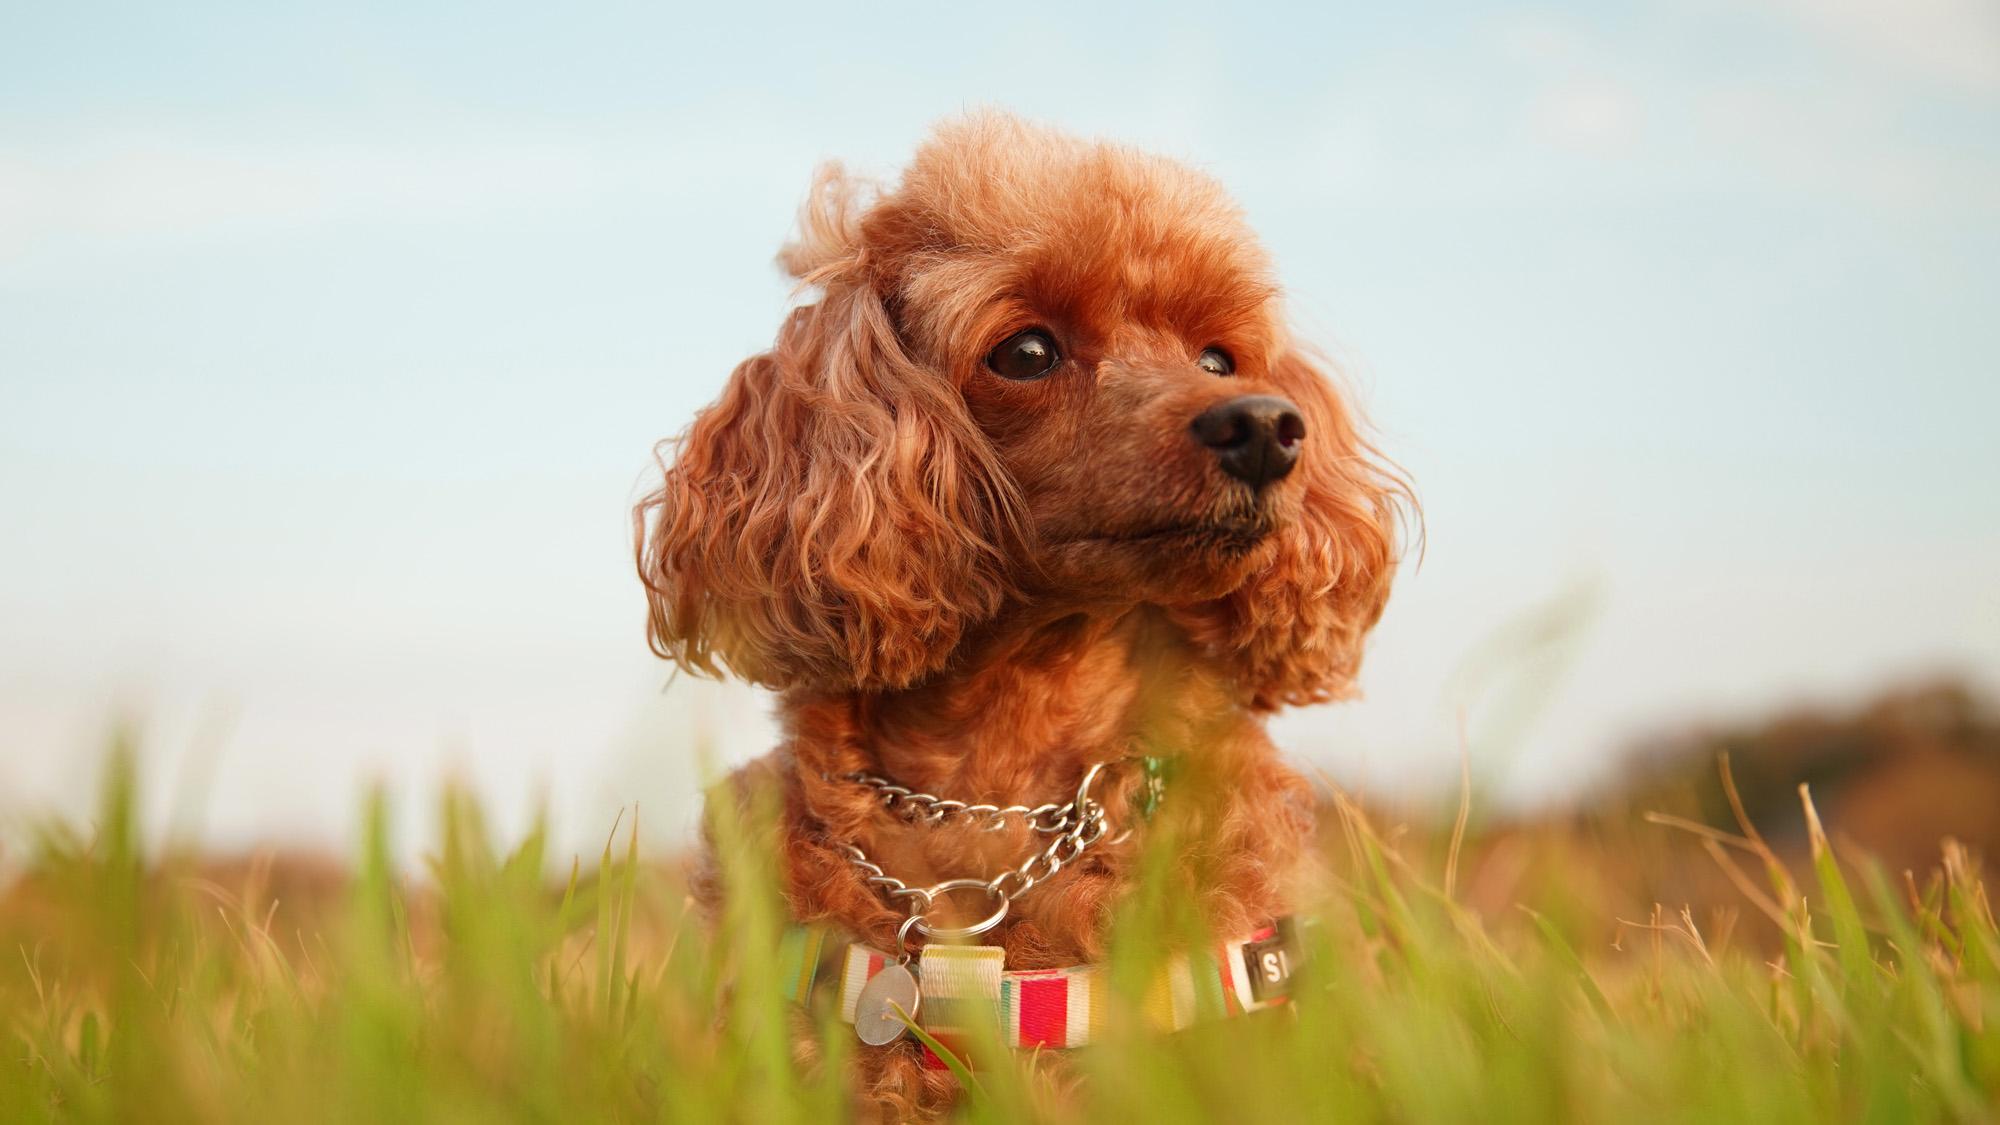 愛犬ティナちゃんの写真